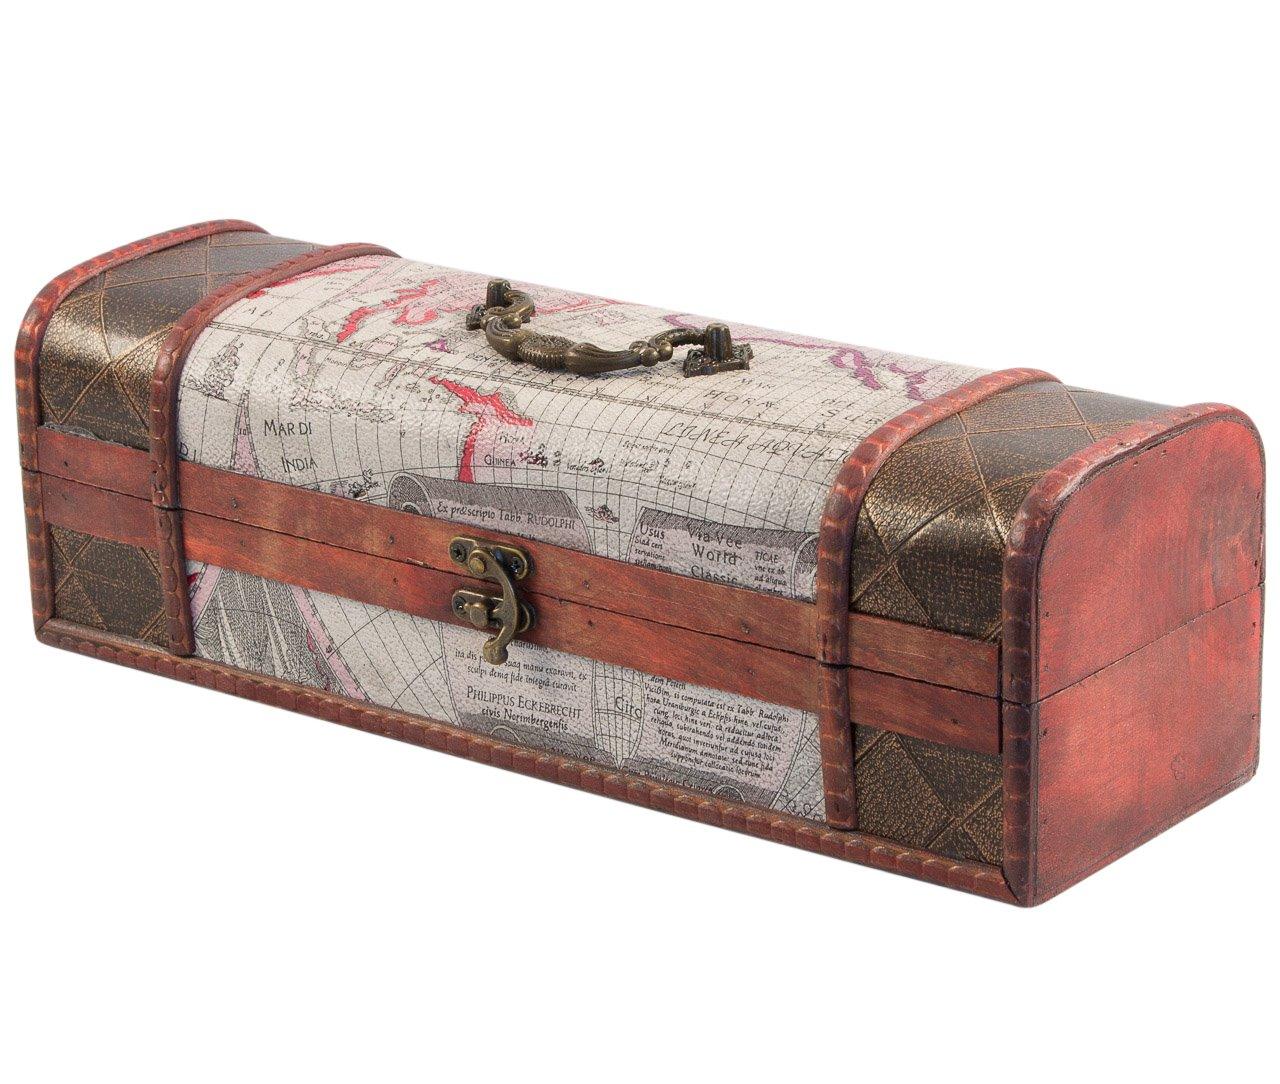 8805e8a5353 Koffer van hout - Koffer van hout fraai met leder - vanalswat